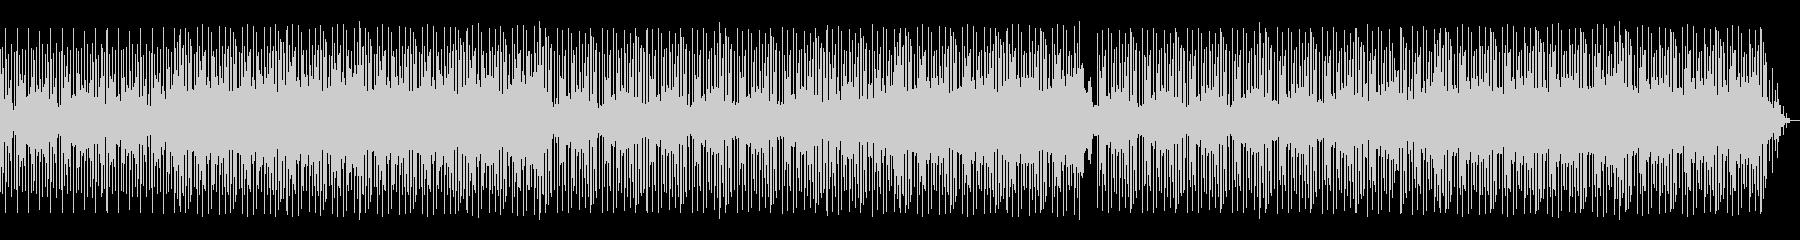 ジャズヒップホップっぽいトラックの未再生の波形